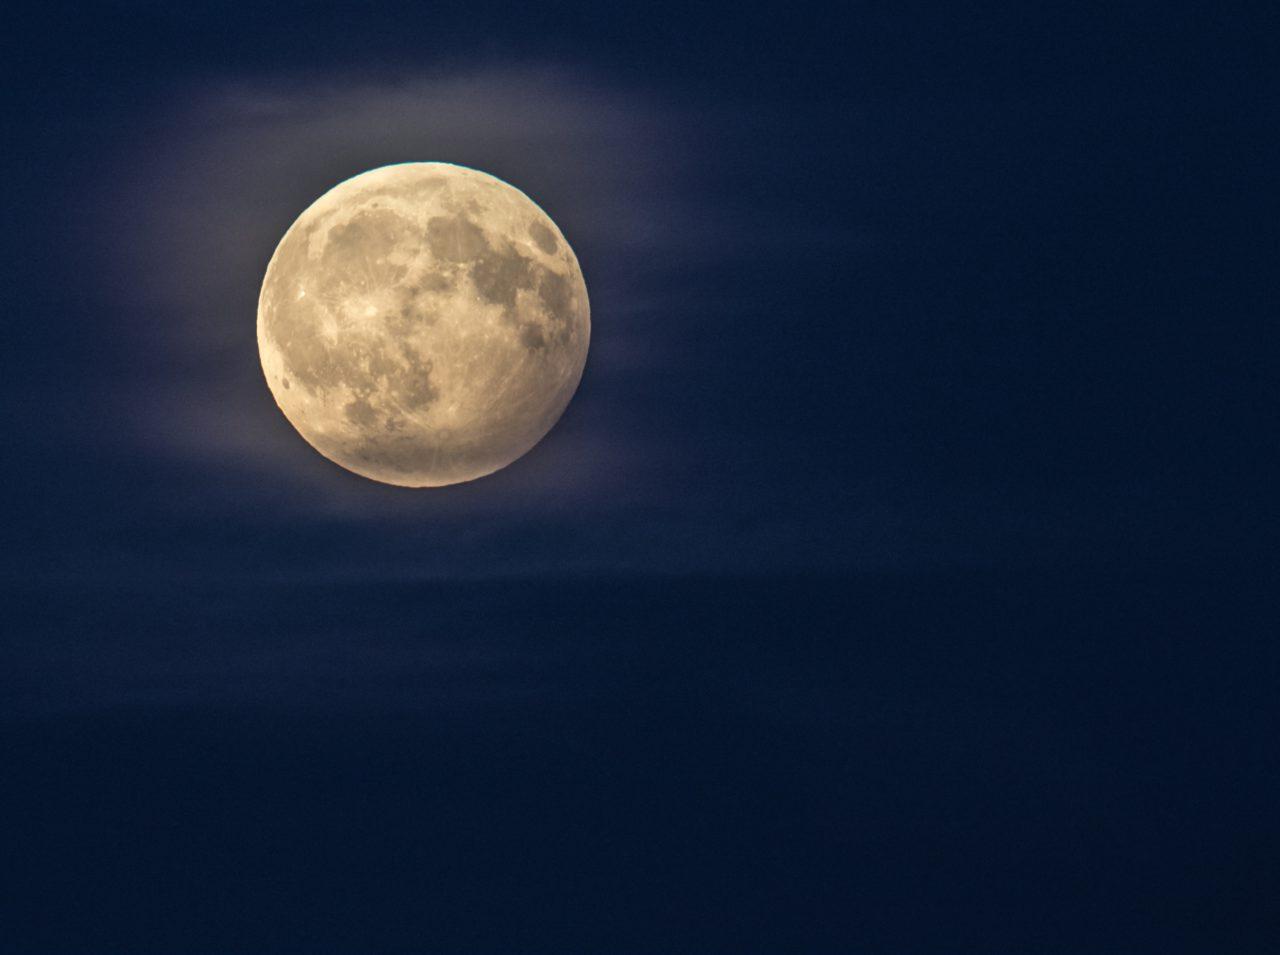 月を象徴するナディ「イダー」